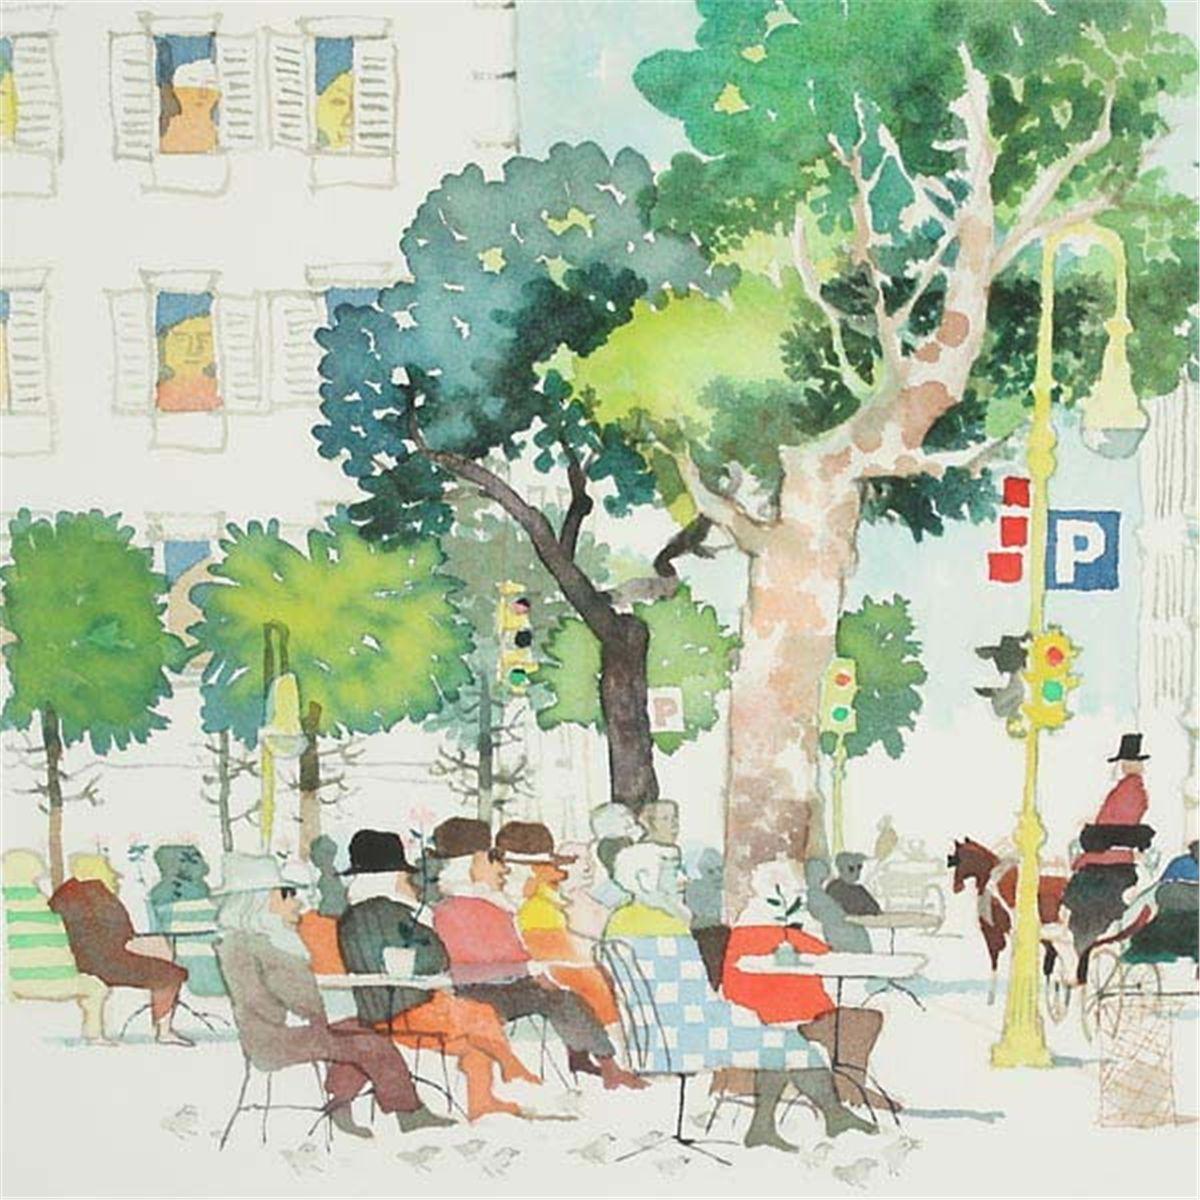 1200x1200 Don Kingman At The Park Watercolor